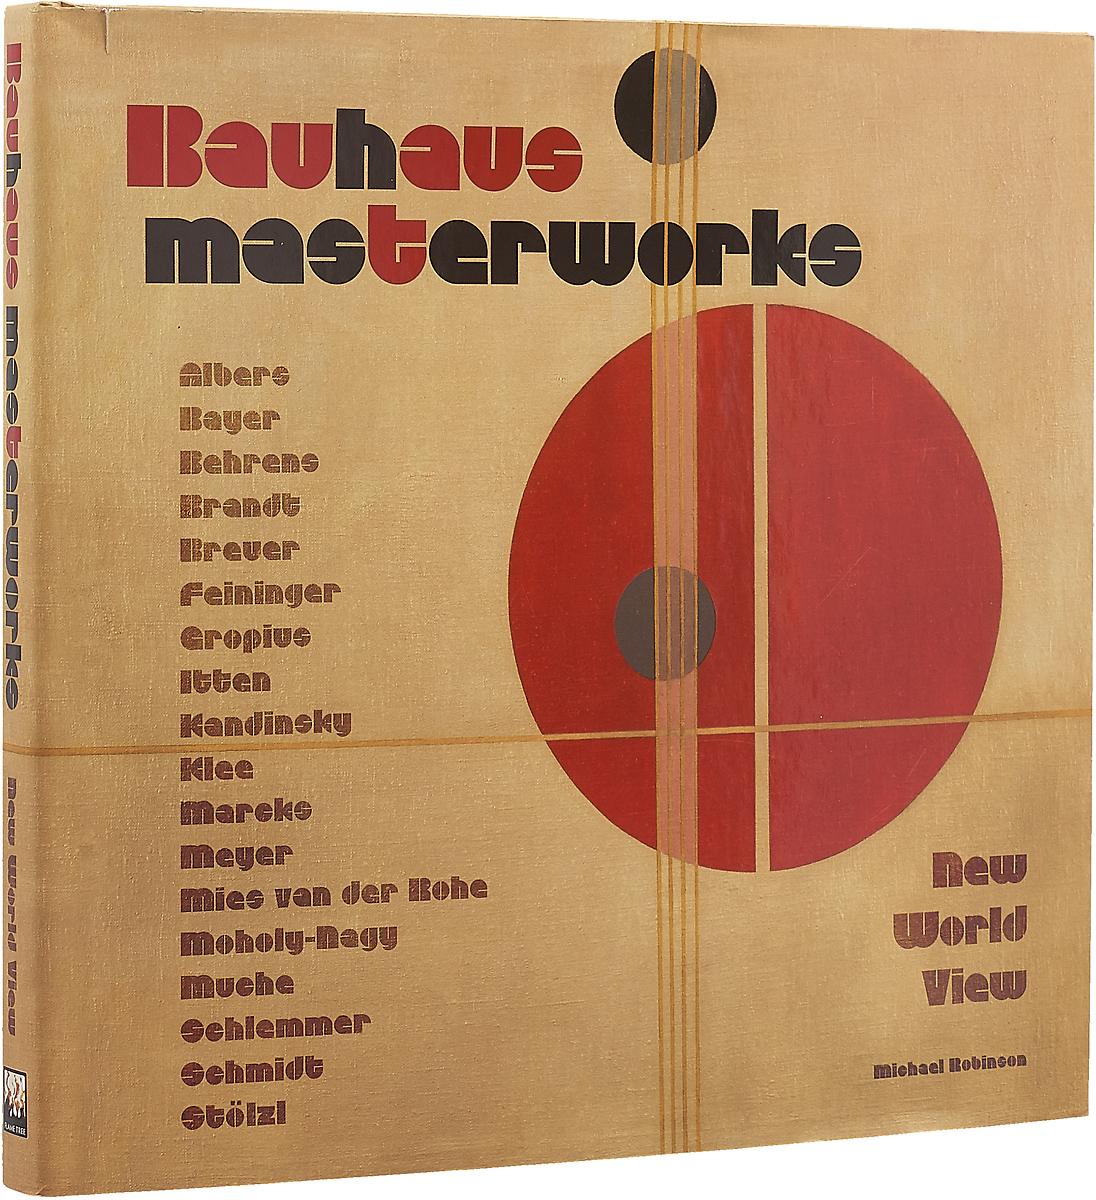 Bauhaus Masterworks bauhaus masterworks